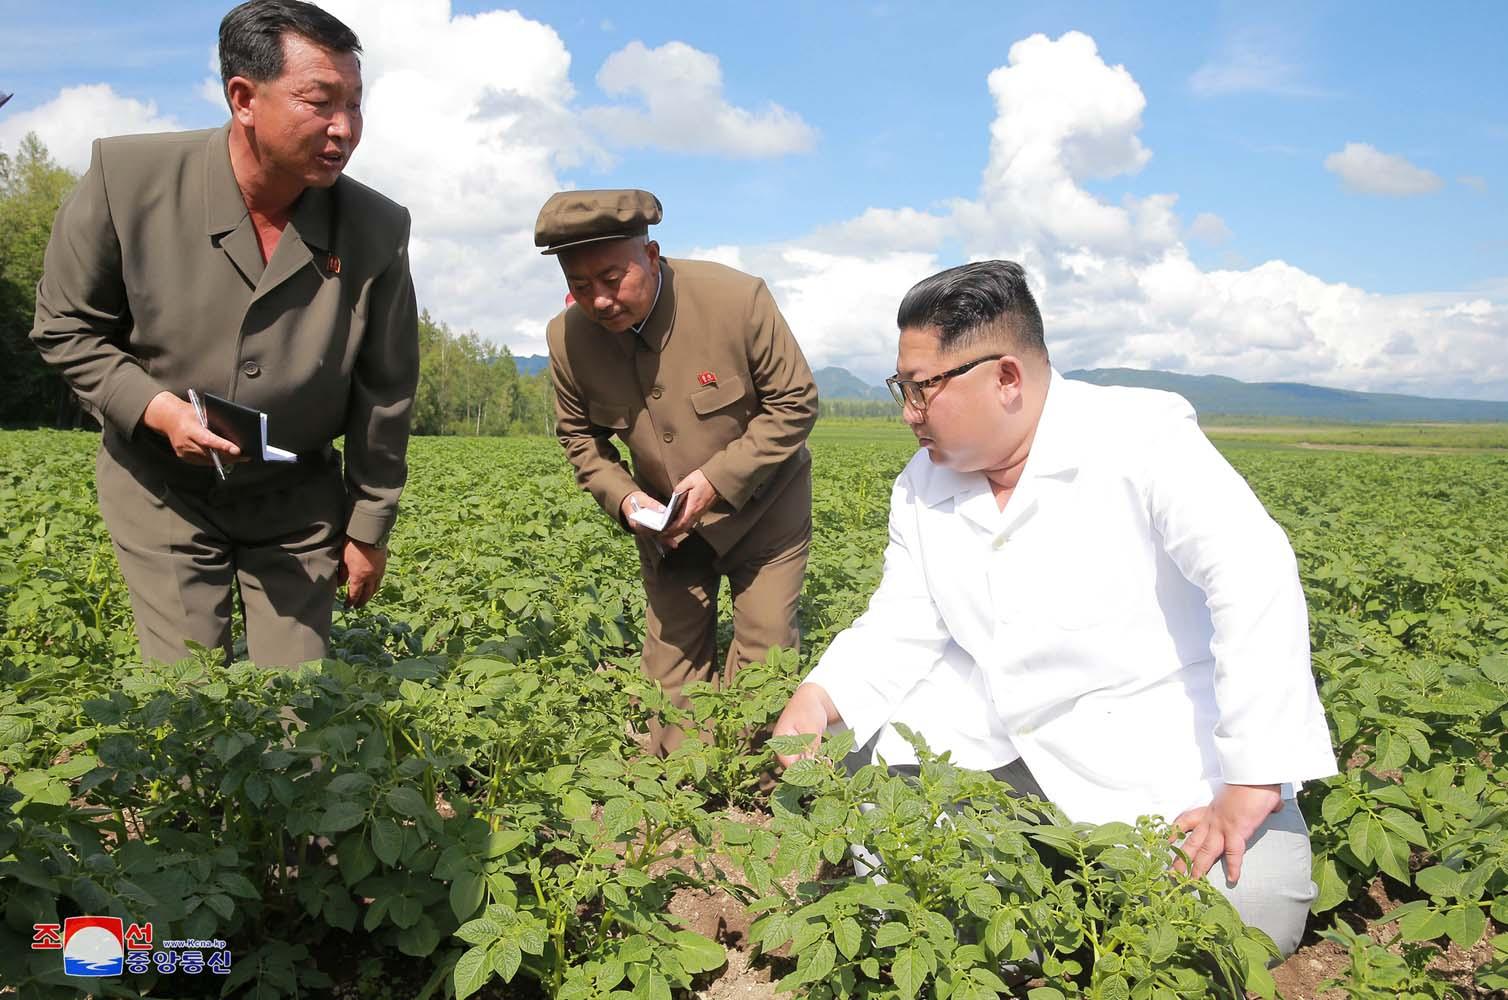 Puras flores: Trump publica carta de Kim Jong-un